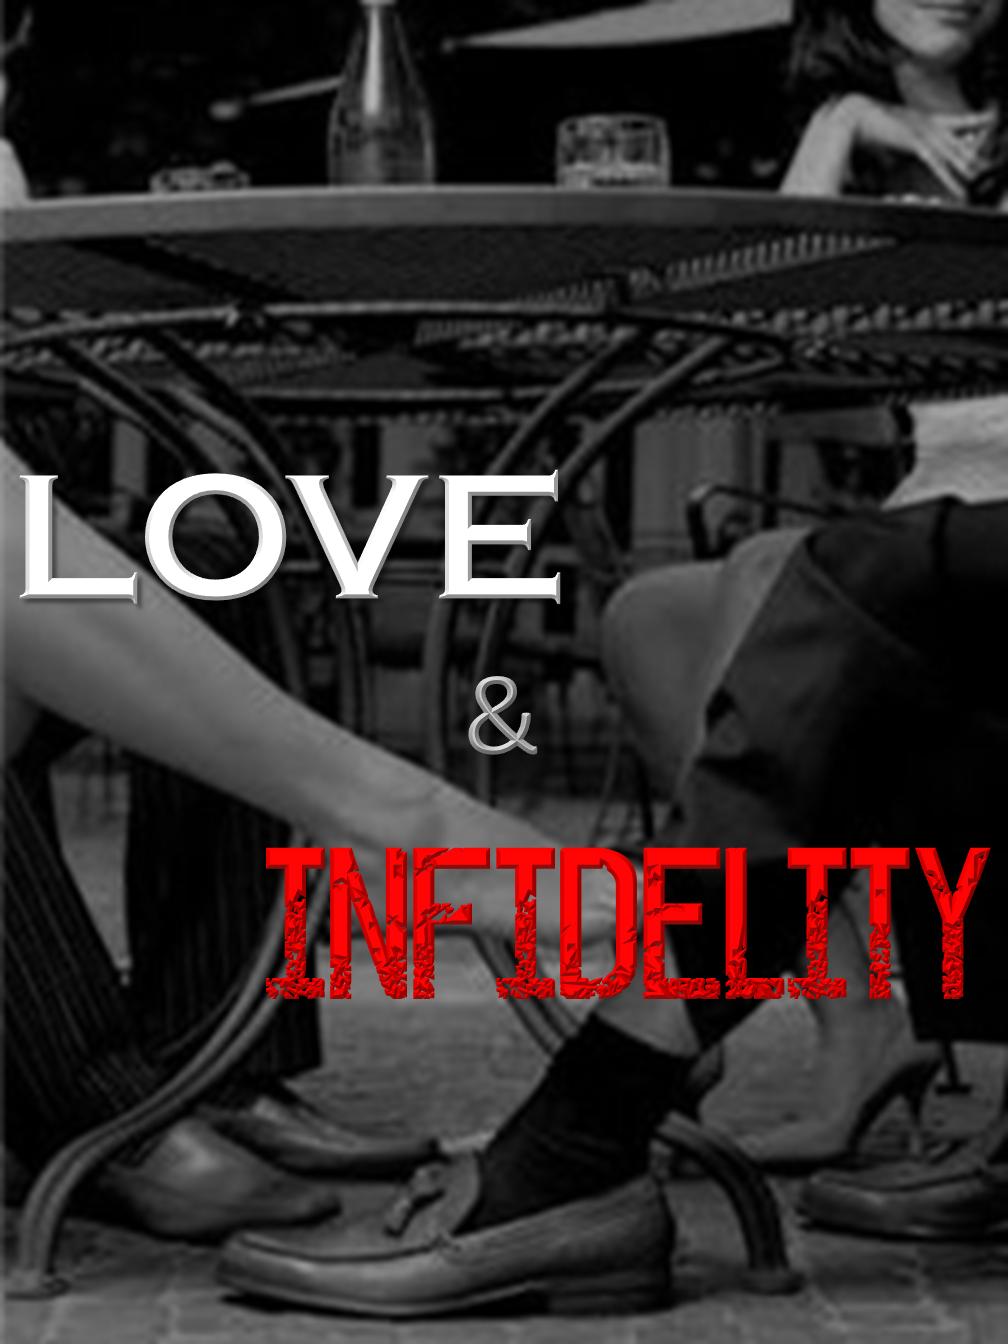 Love & Infidelity